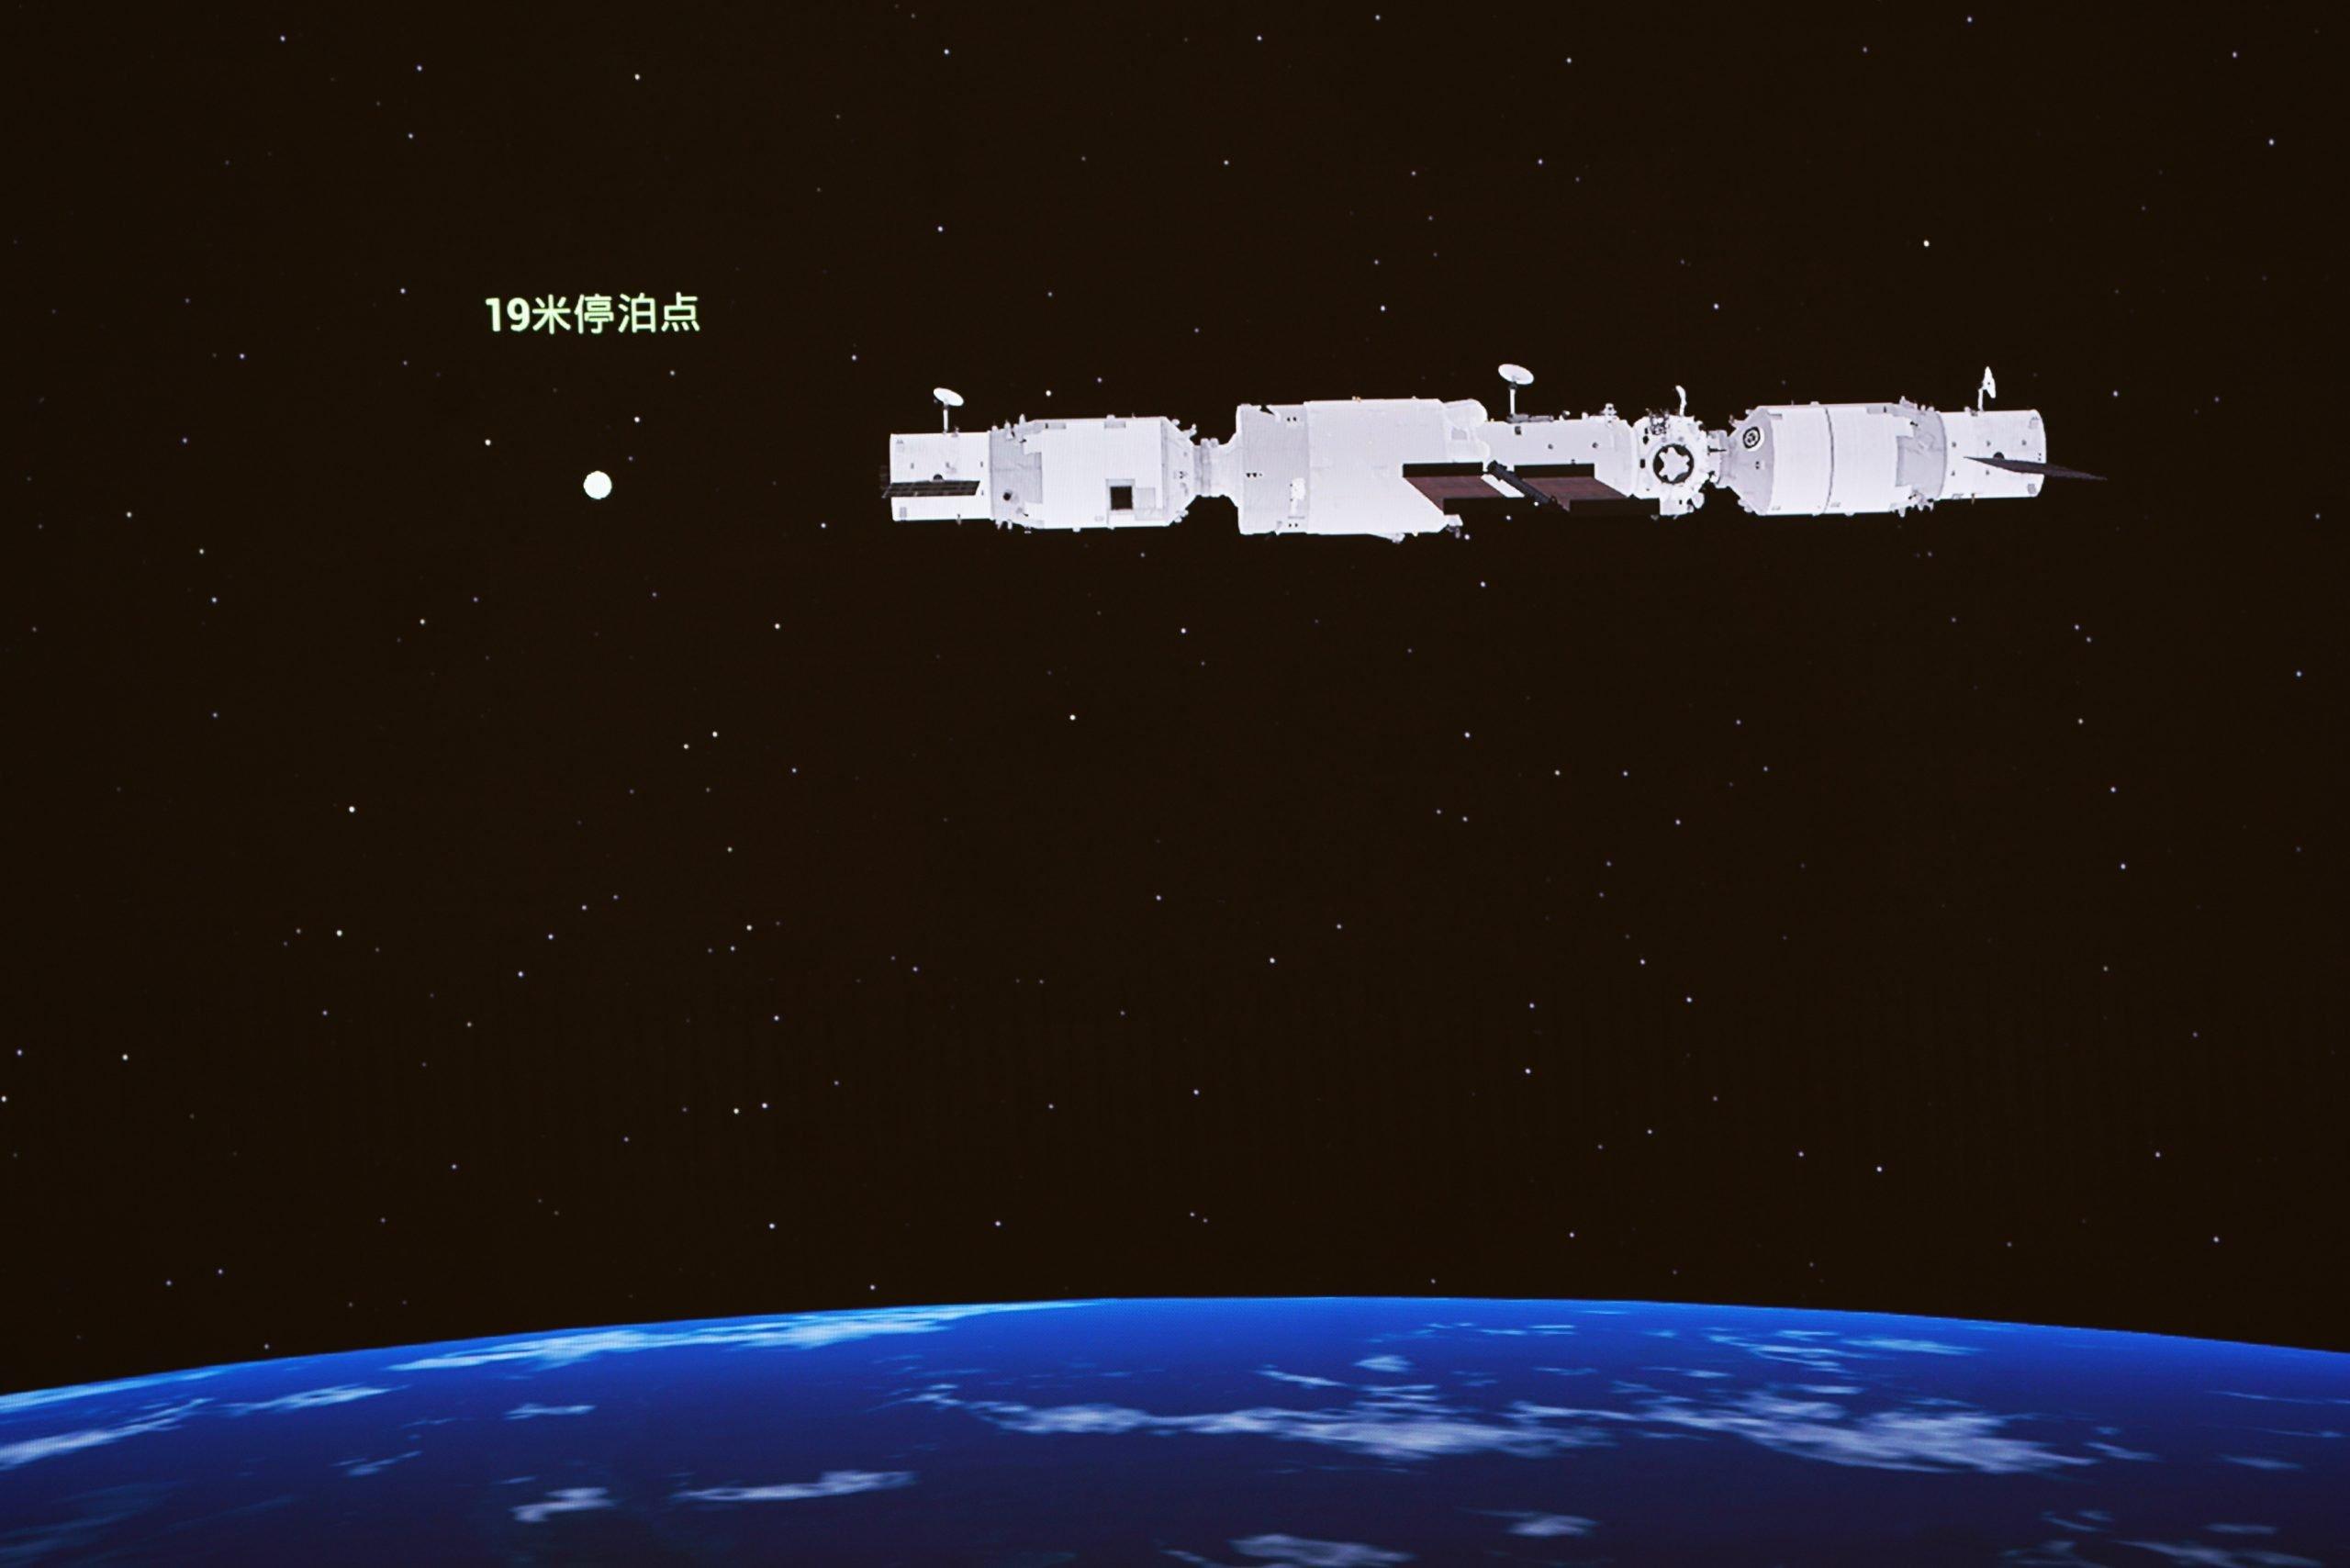 中国/天舟三号货运飞船与空间站组合体完成自主快速交会对接